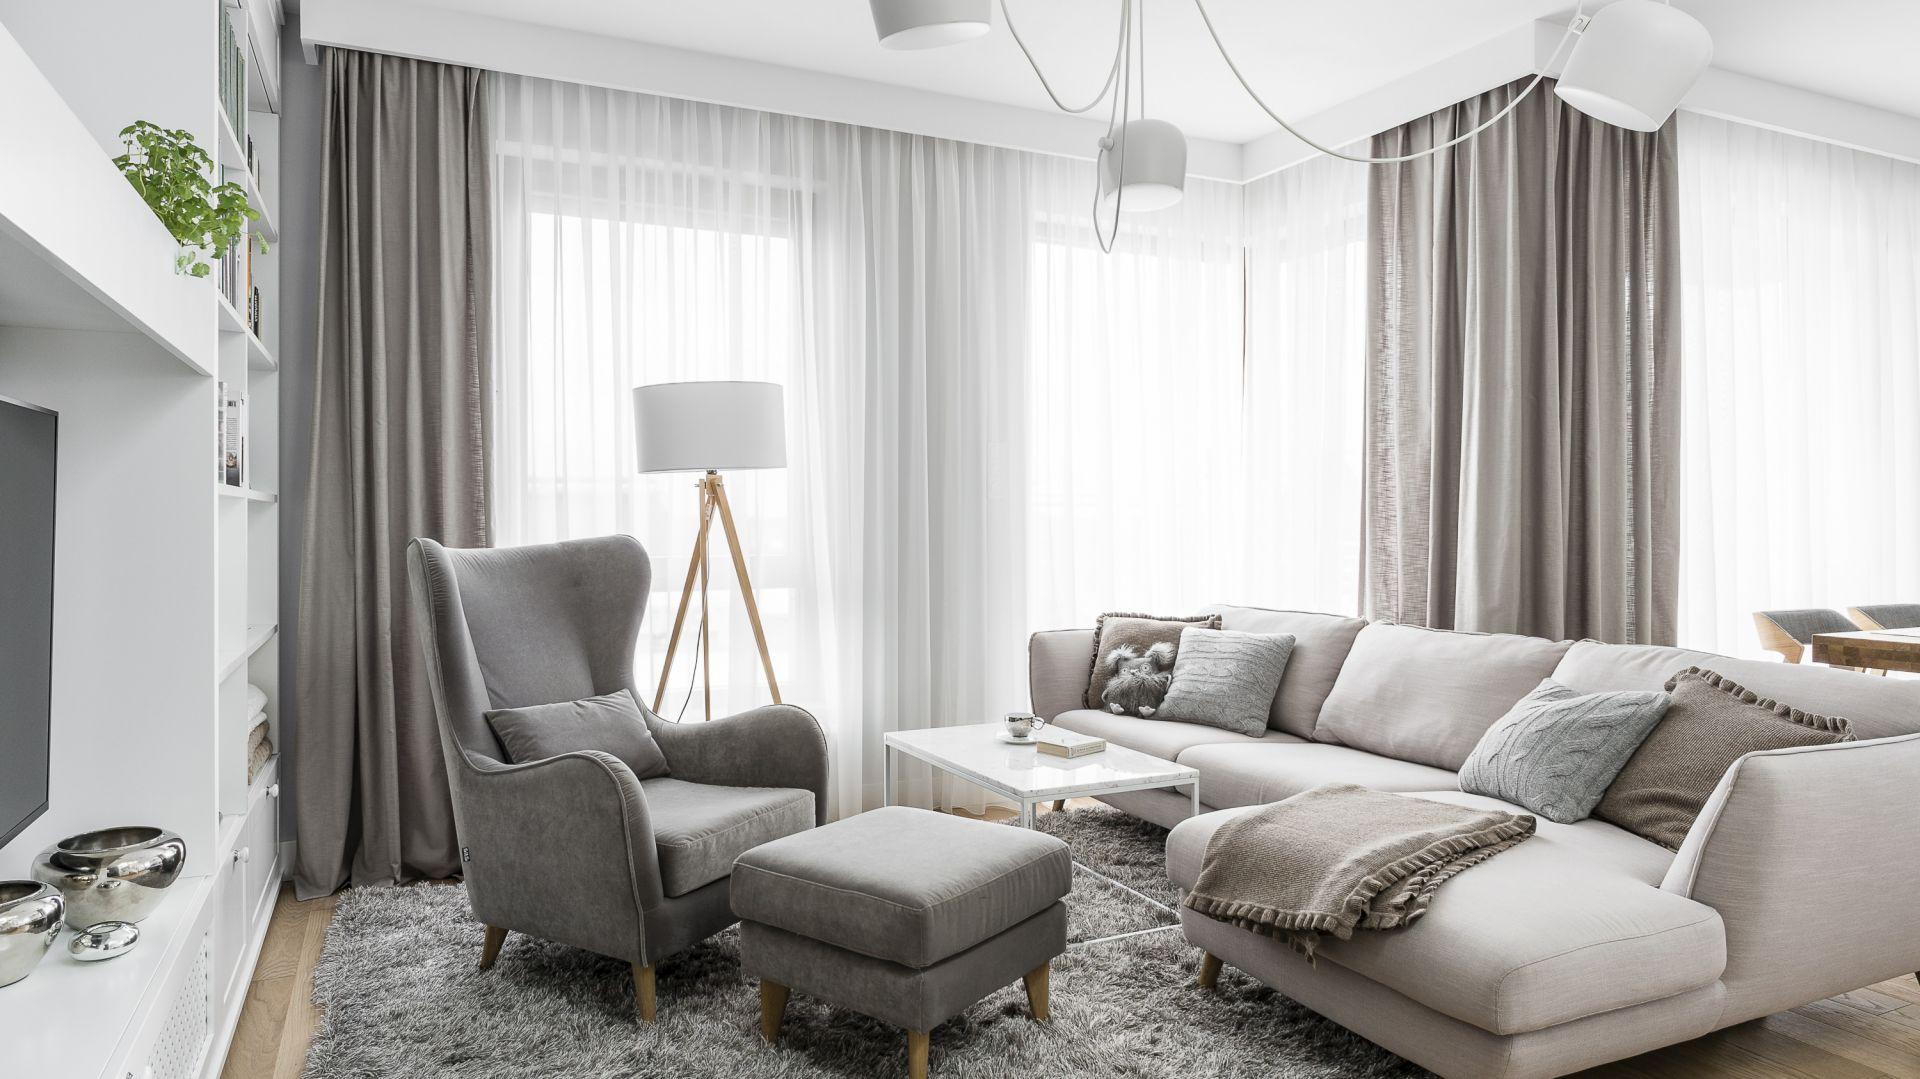 Kupując dywan kierujemy się przede wszystkim jego wyglądem. Projekt Studio Maka